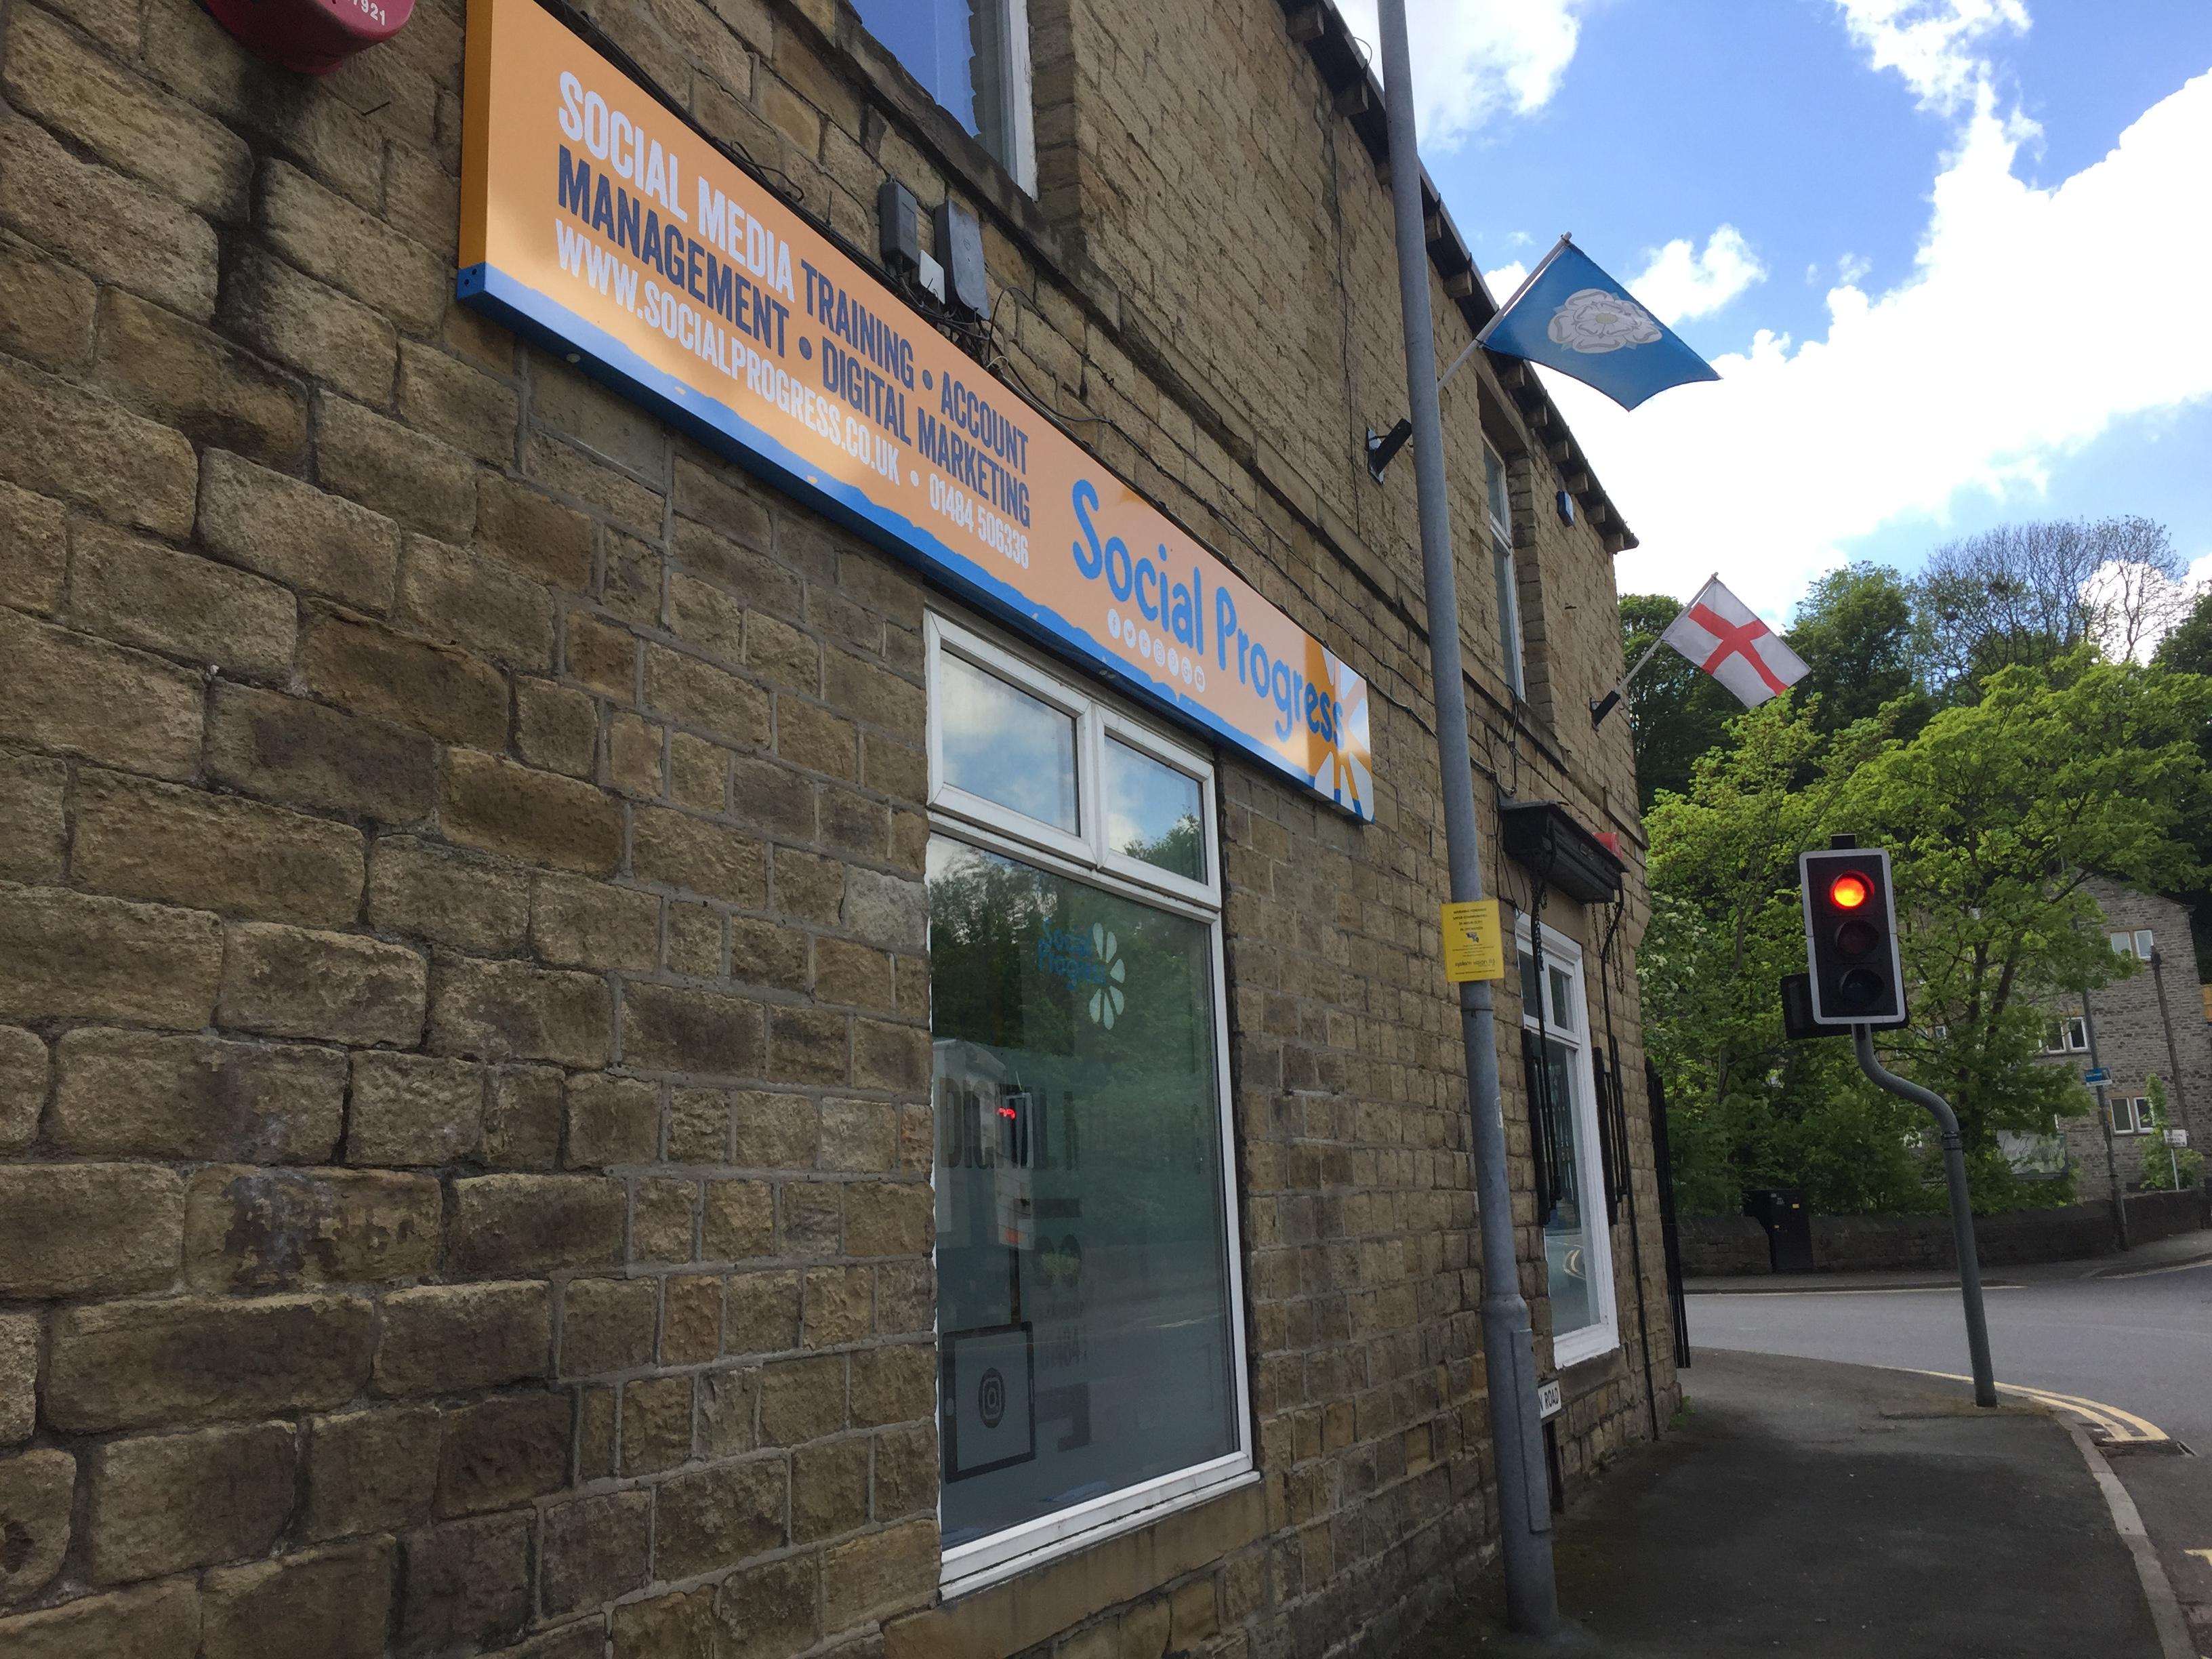 Social Progress Ltd - Social Media Training Huddersfield - Honley - Social Media Management